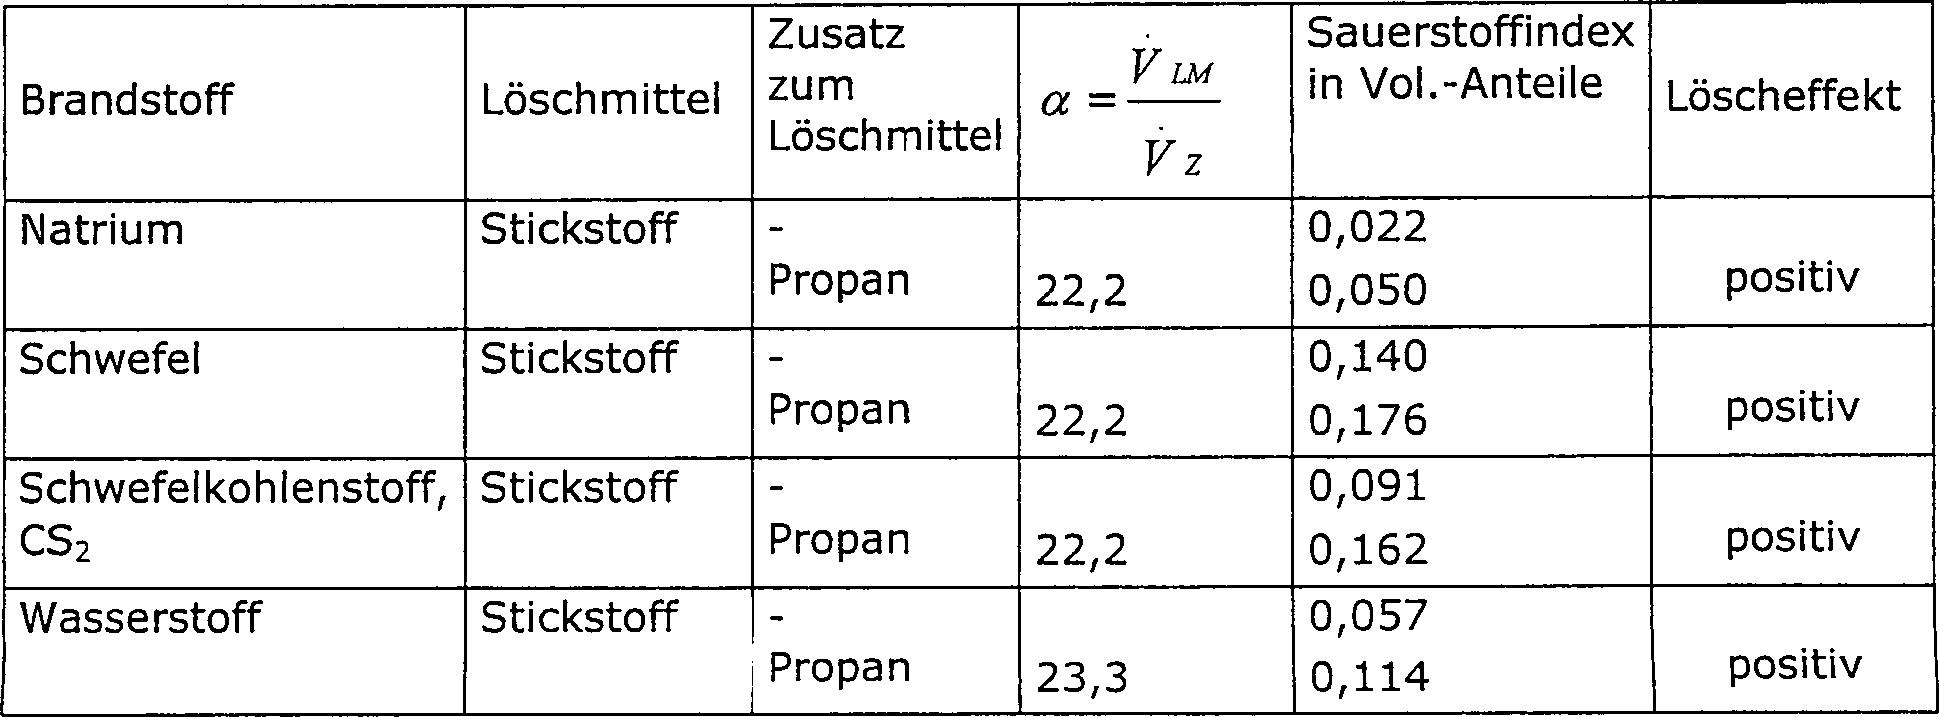 Großzügig Xhhw Vs Thhn Draht Bilder - Die Besten Elektrischen ...